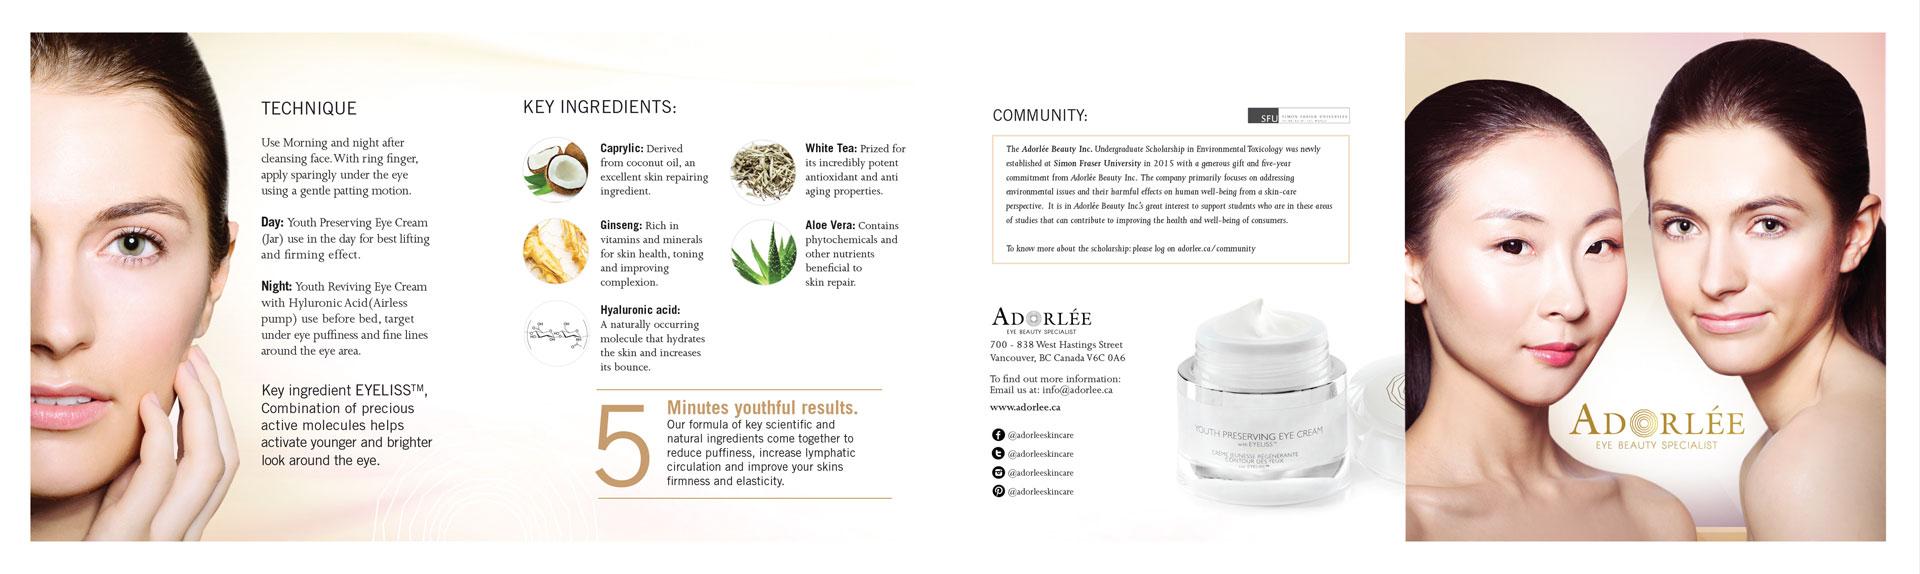 Adorlee Print Material Visual Design